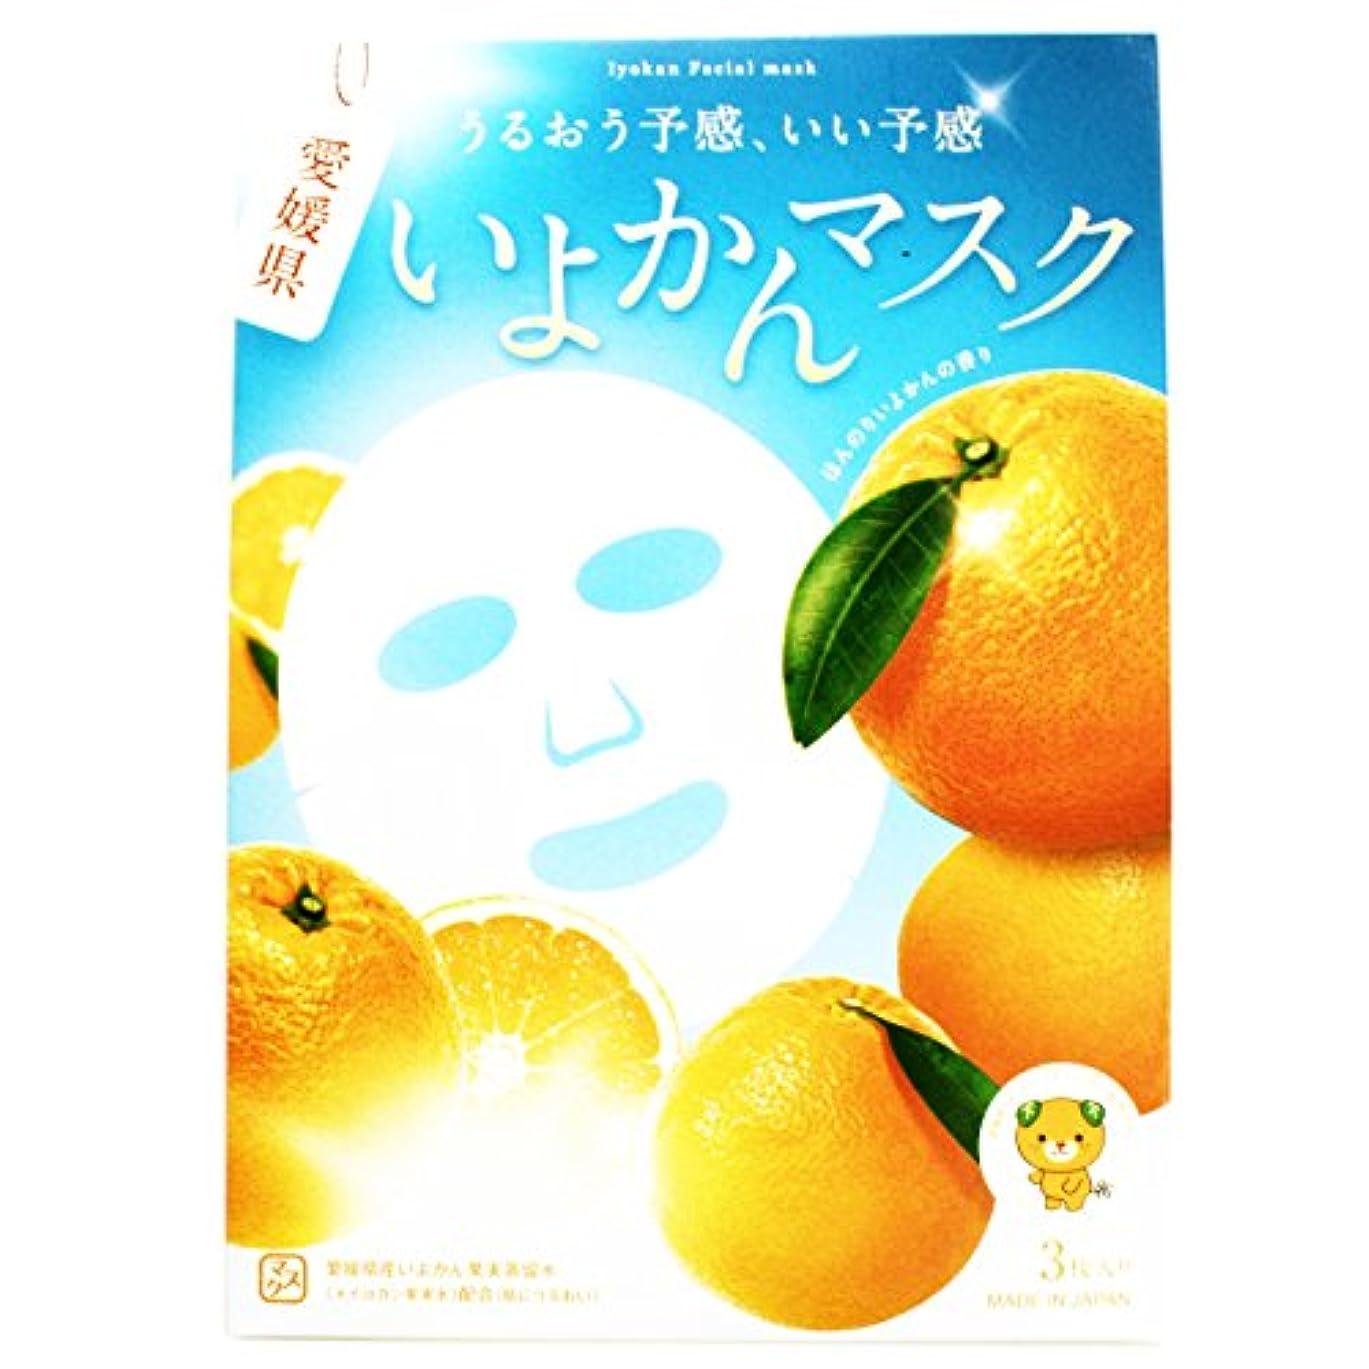 持っている受付トランジスタ愛媛県 いよかんマスク 3枚入り